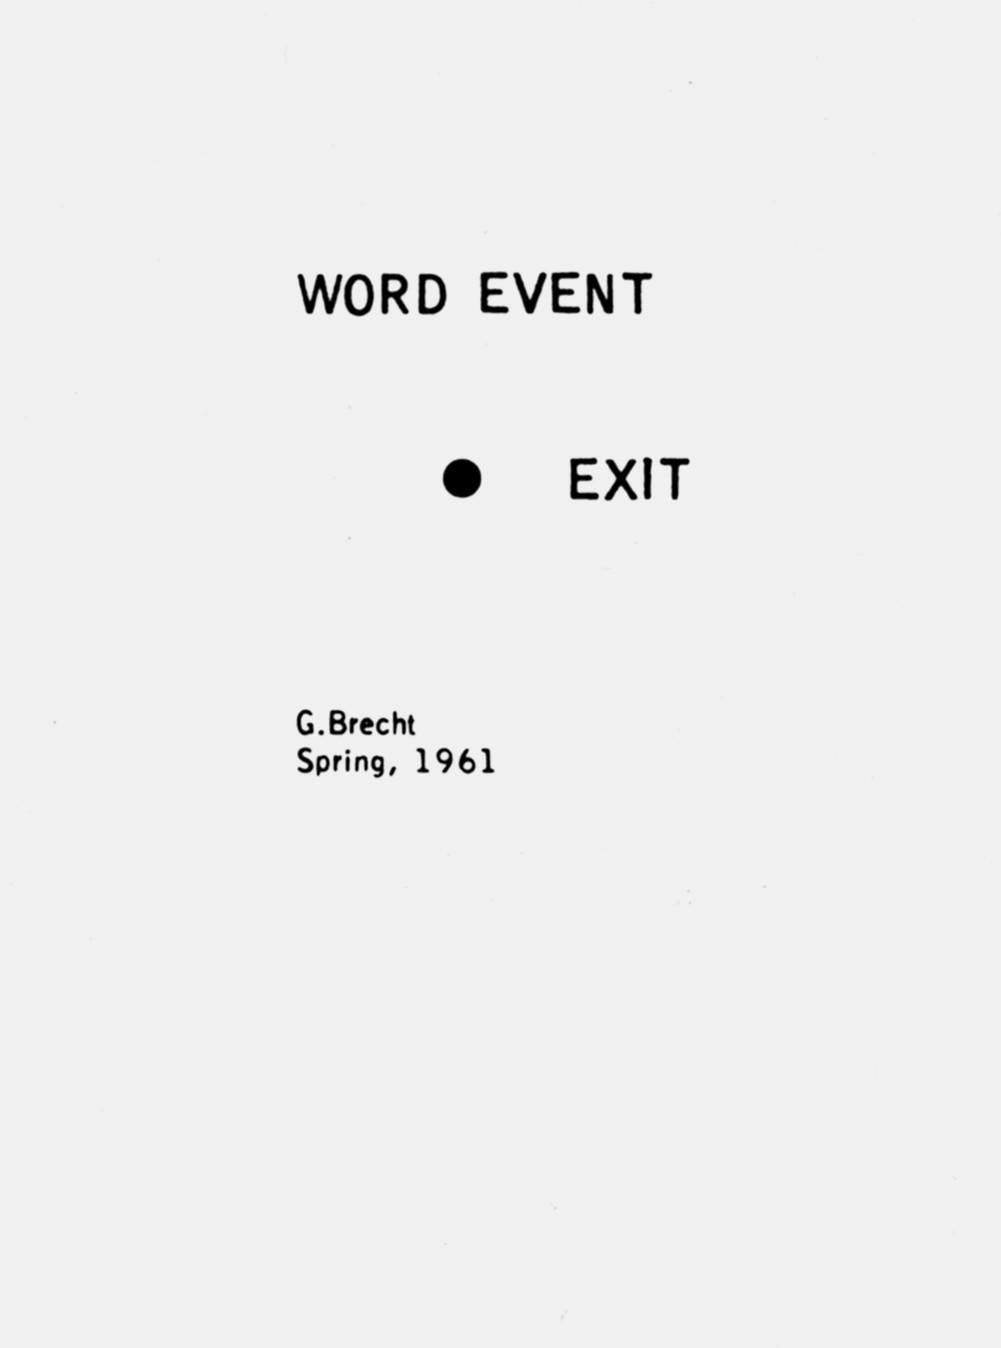 George Brecht, Exit